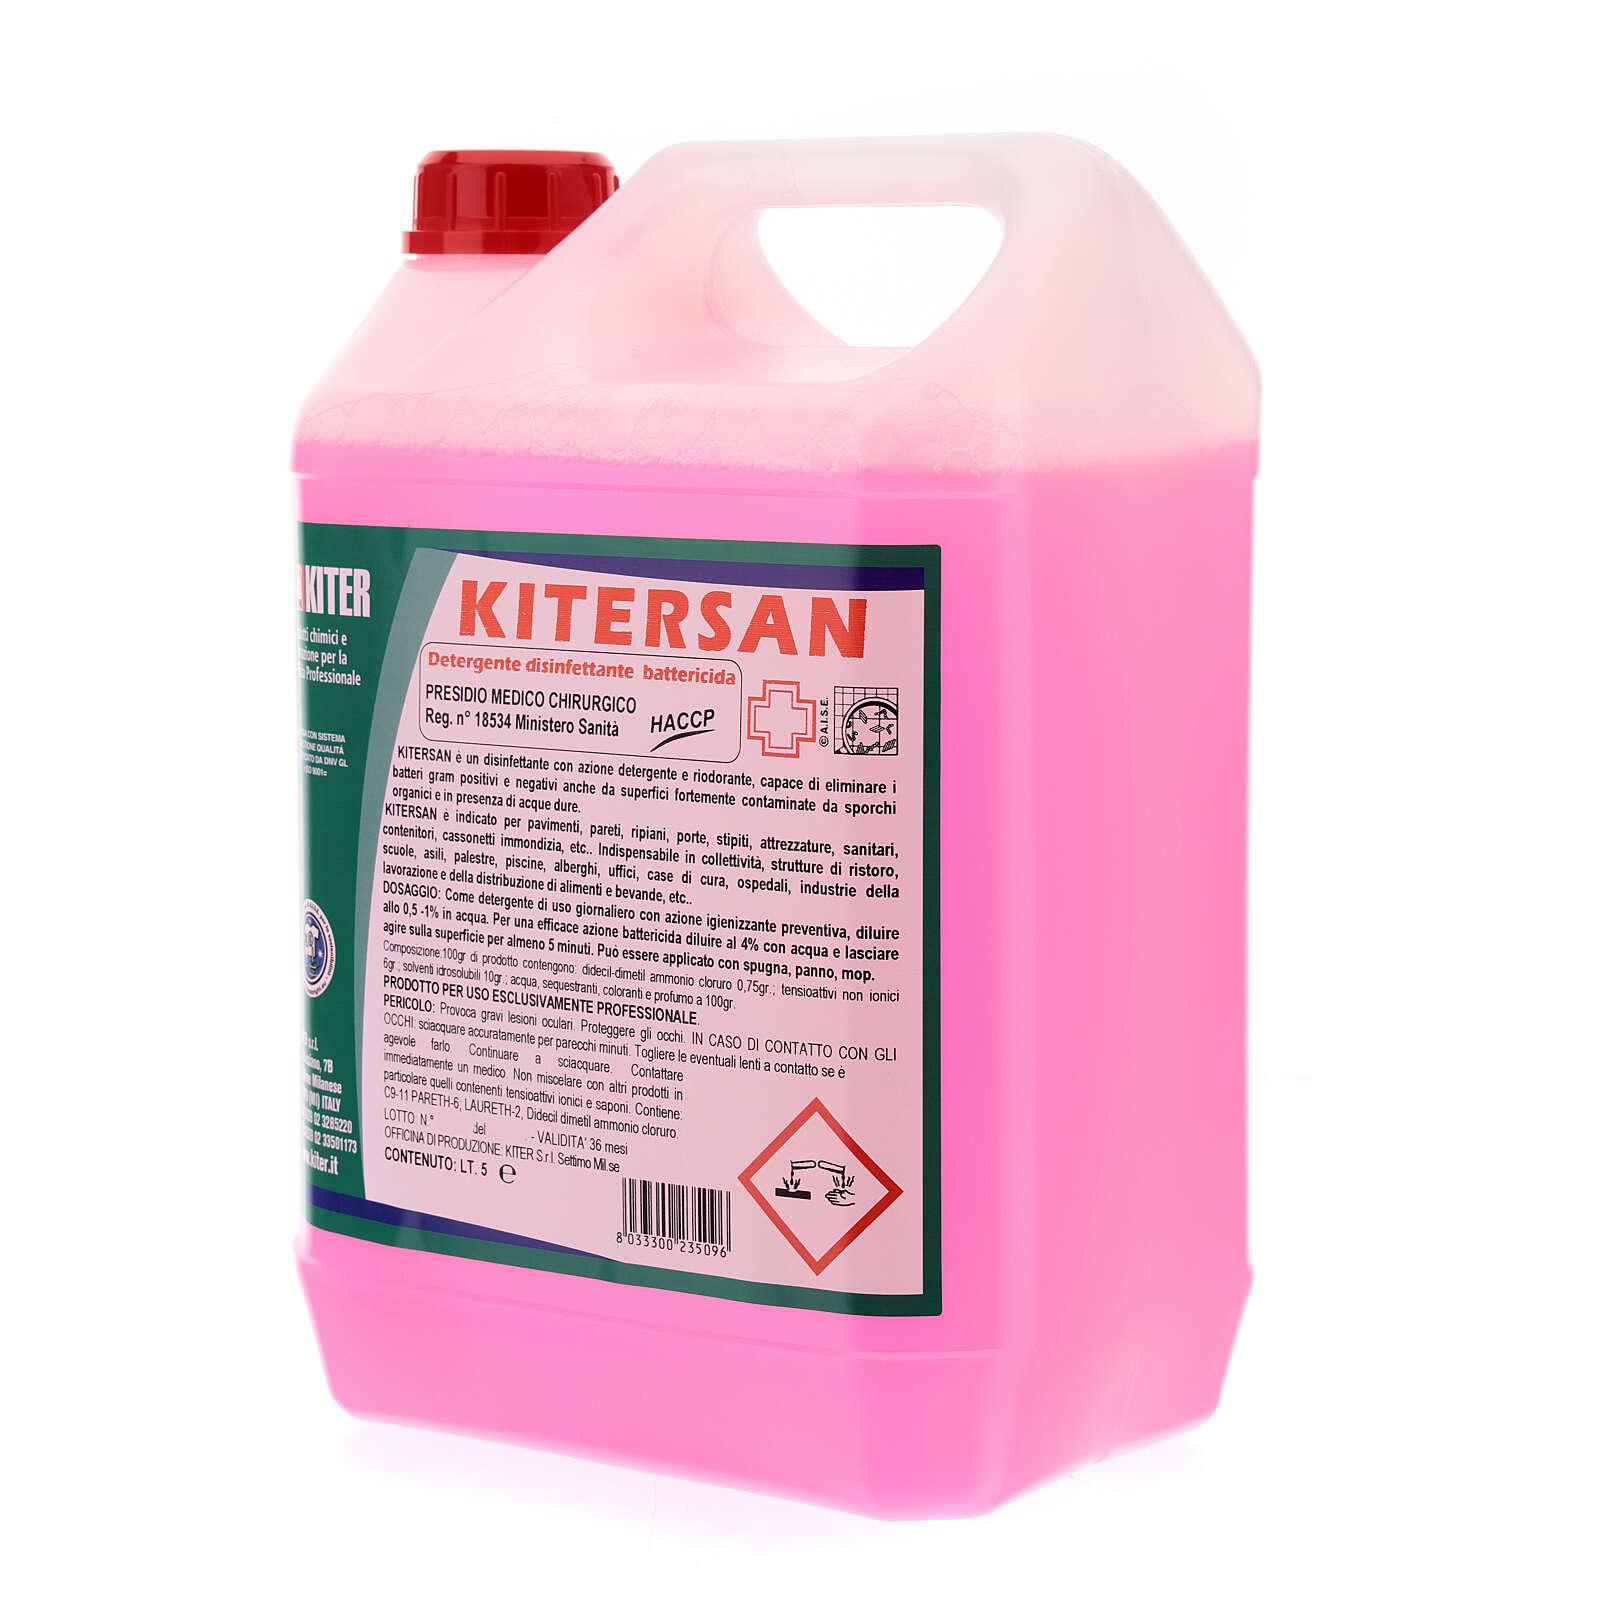 Kitersan detergente disinfettante battericida 5 Litri 3